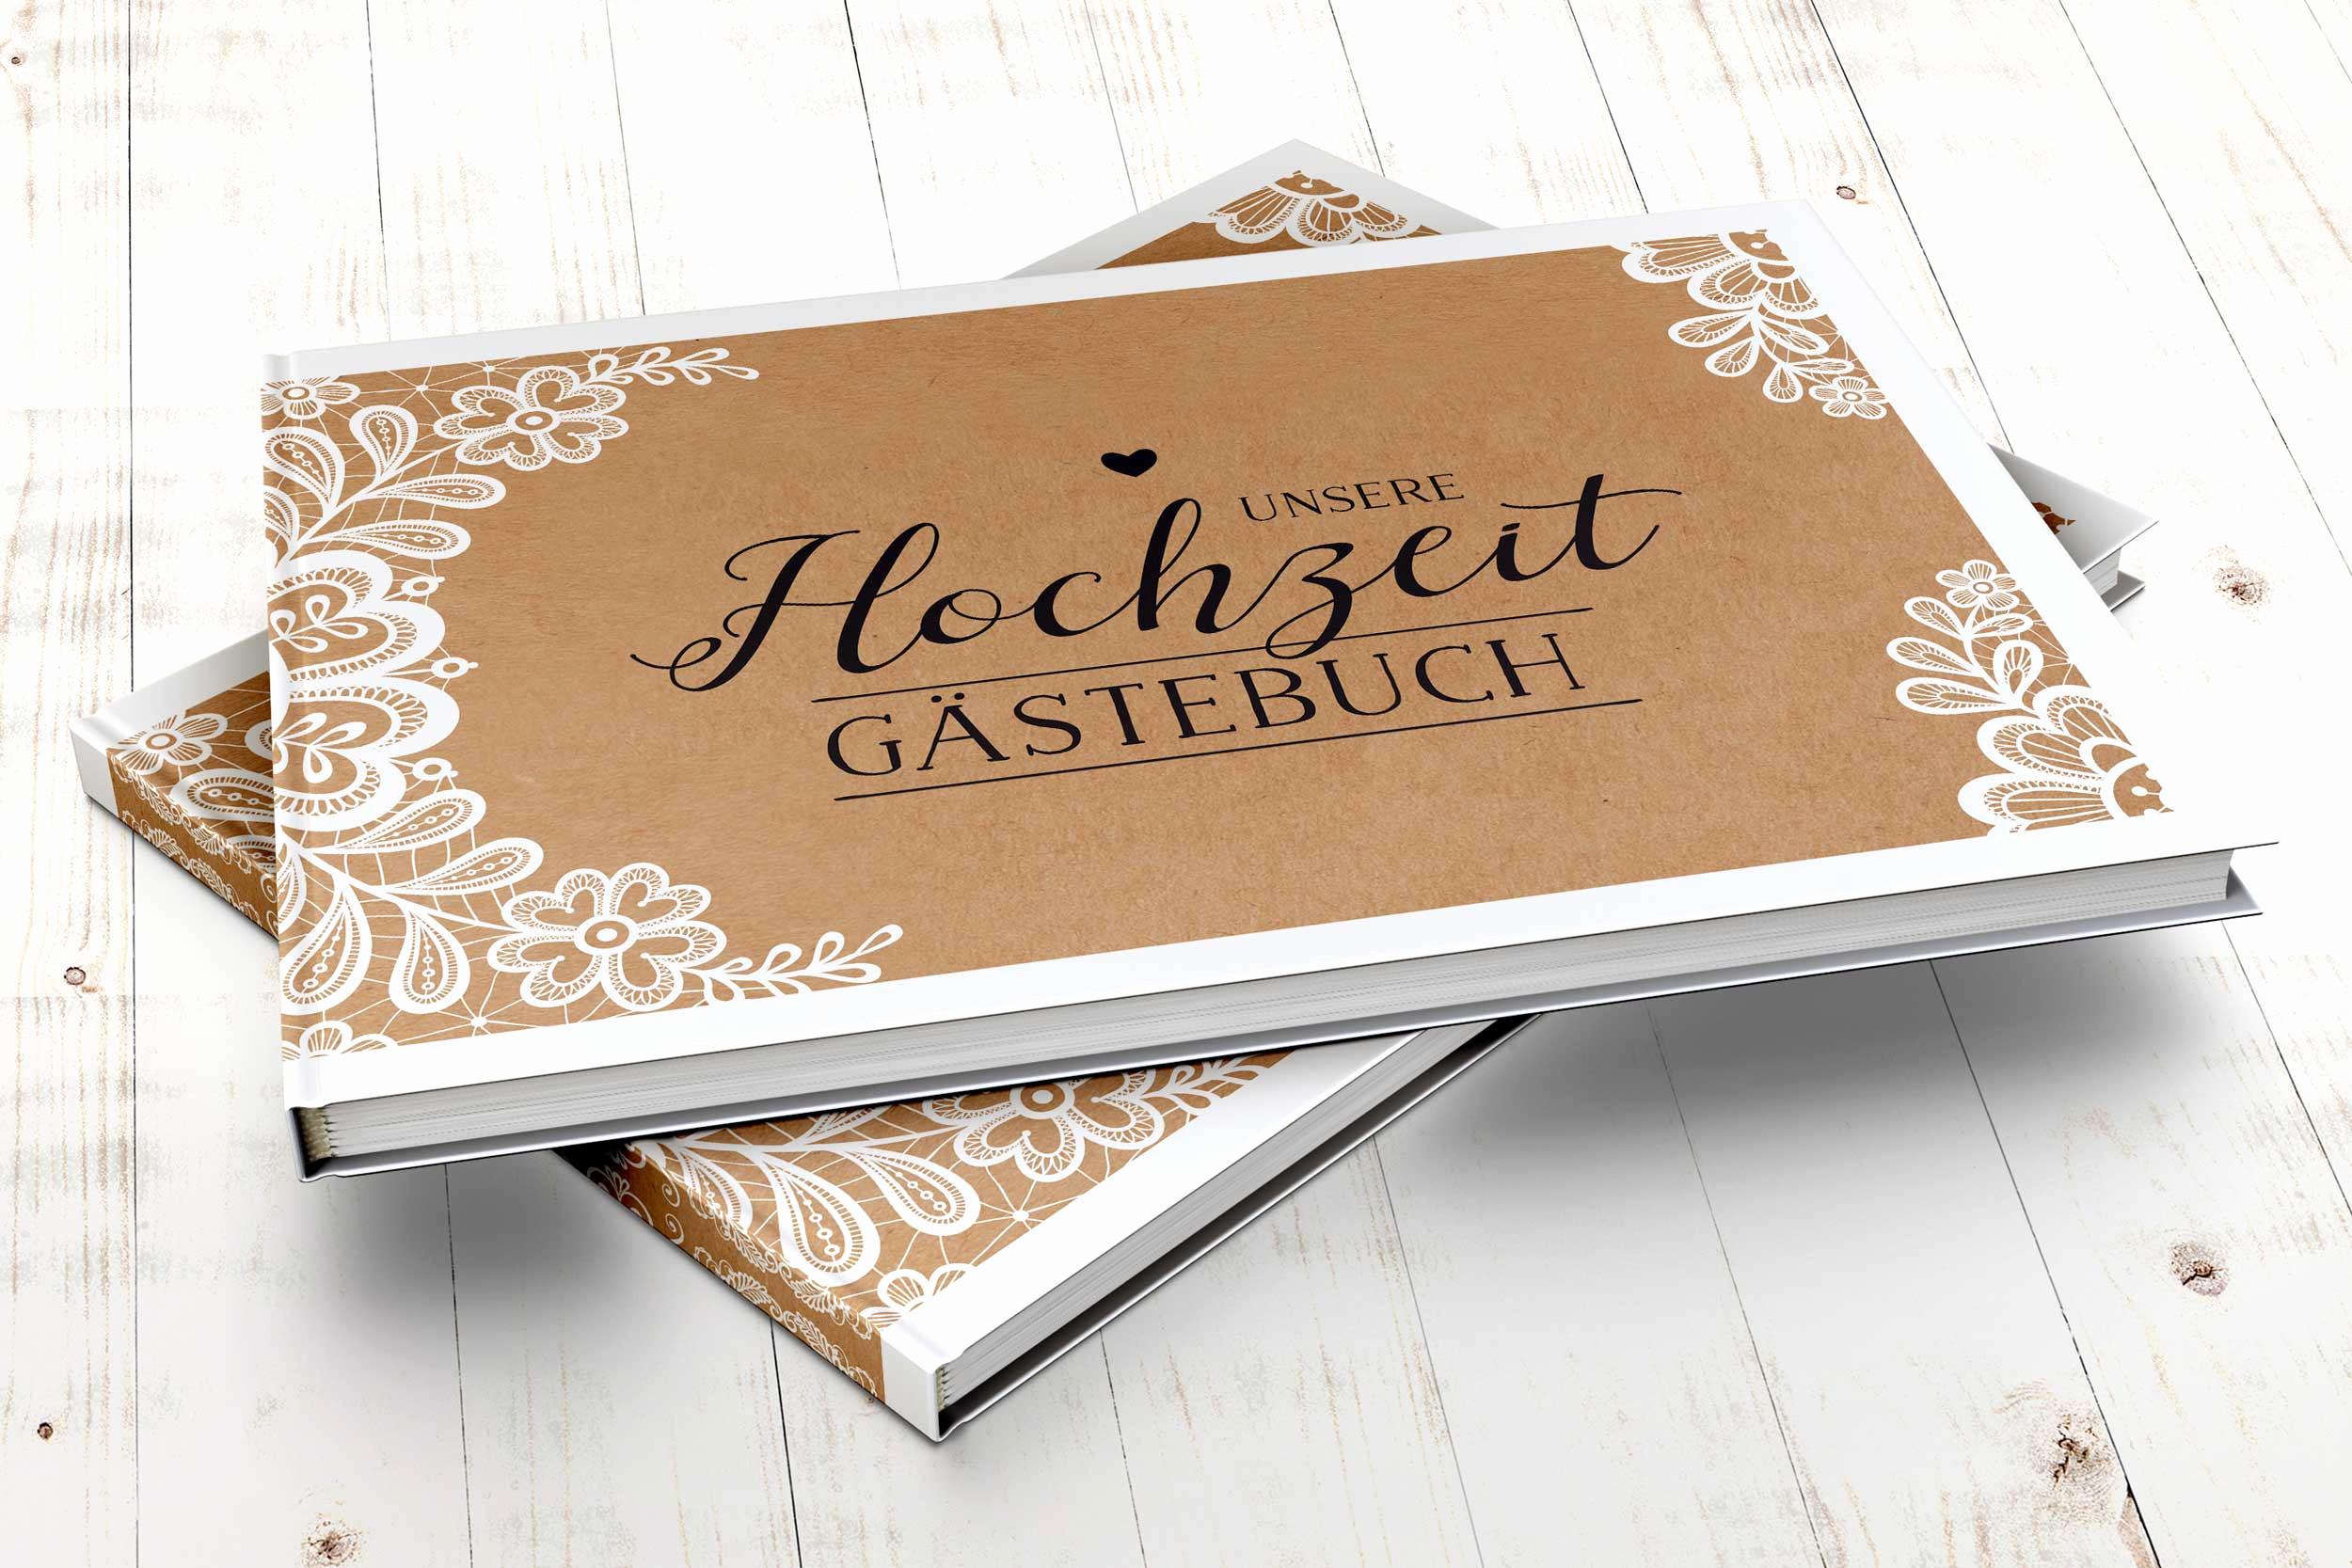 Gästebuch Hochzeit Ideen  Gästebuch Hochzeit Gestalten Ideen Ideen Gästebuch Karten